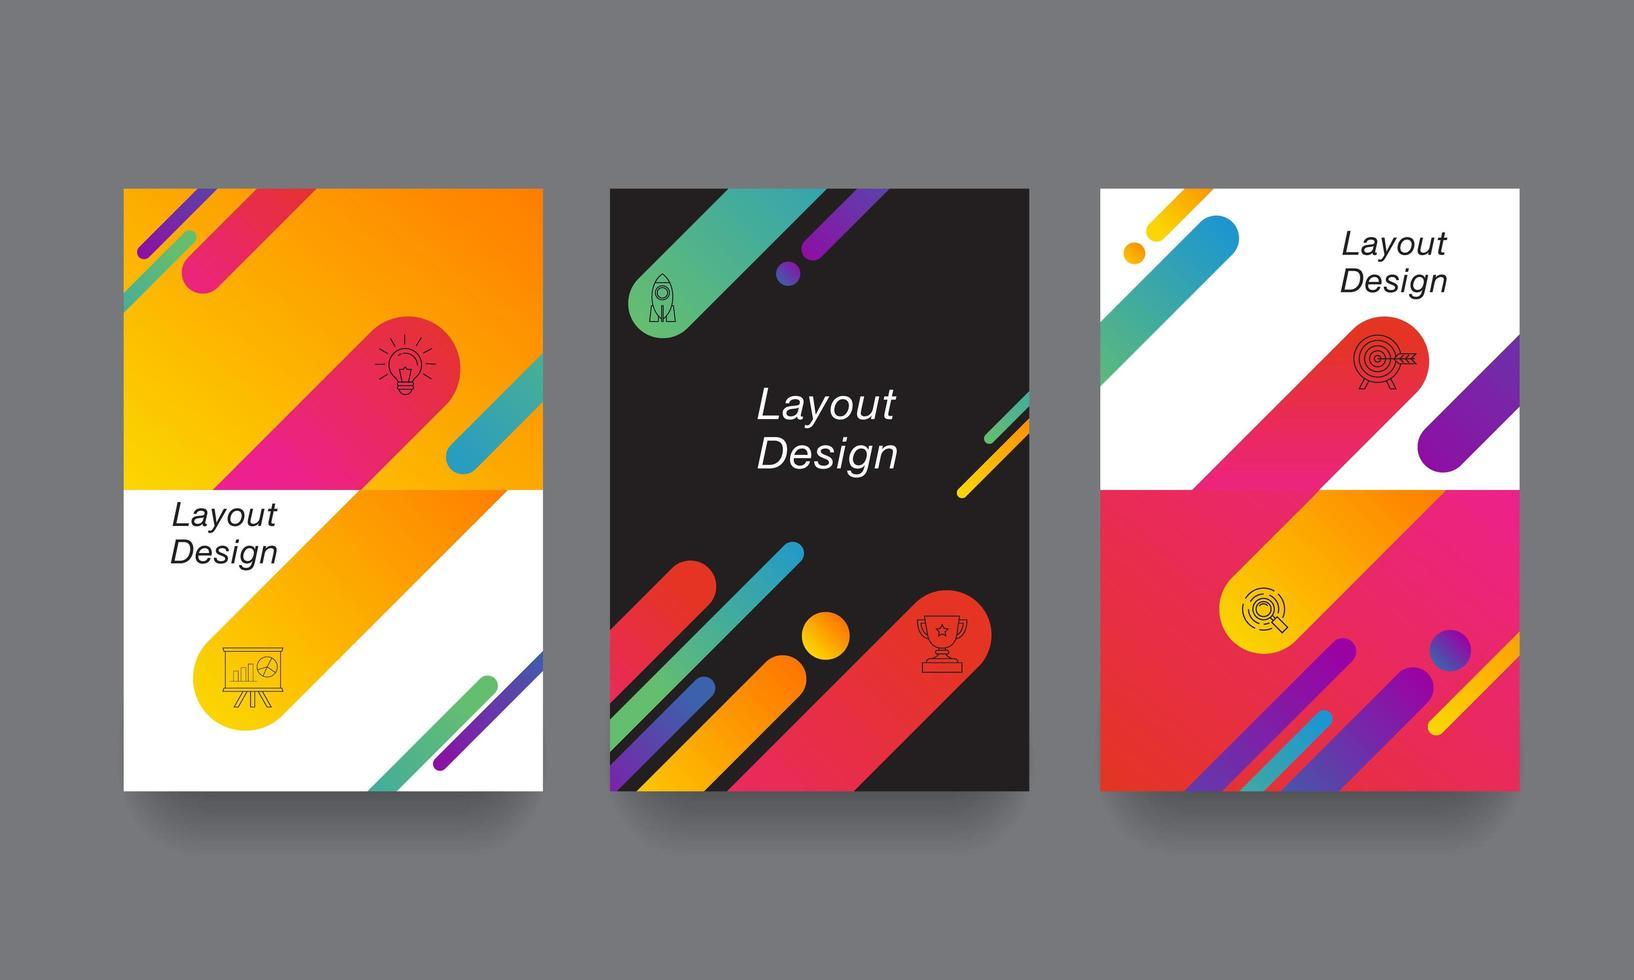 bunte Design-Layout-Vorlage vektor